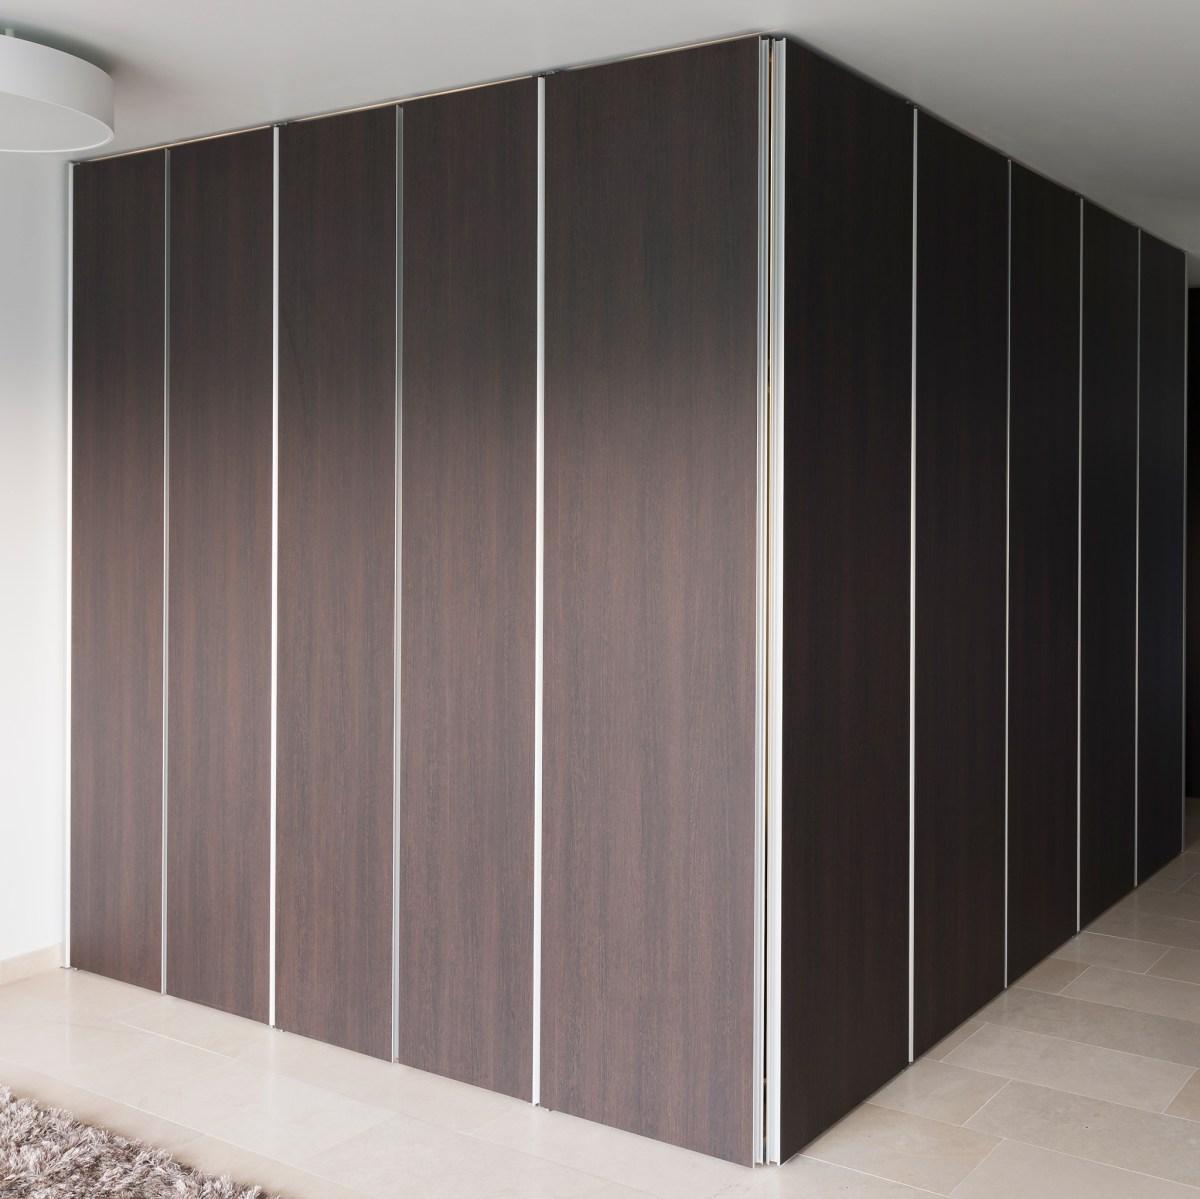 inbouwkast met greeploze kastdeuren